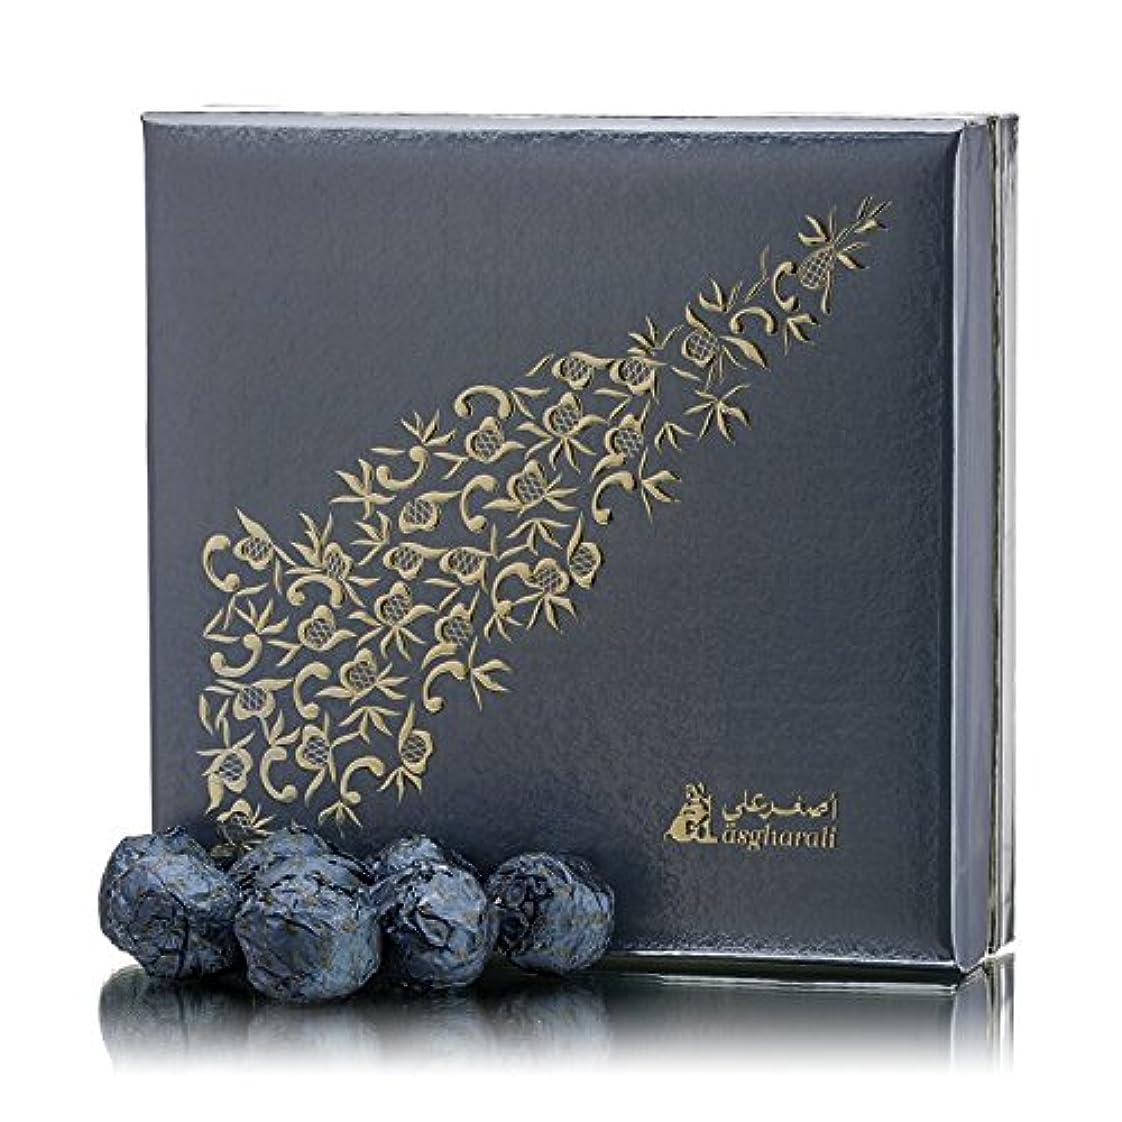 支店苦行壁紙Asgharali debaaj mustabaraq 300ミリグラム – Shay Oud、花柄、Woody、Oriental Incense Limited Edition Bakhoor